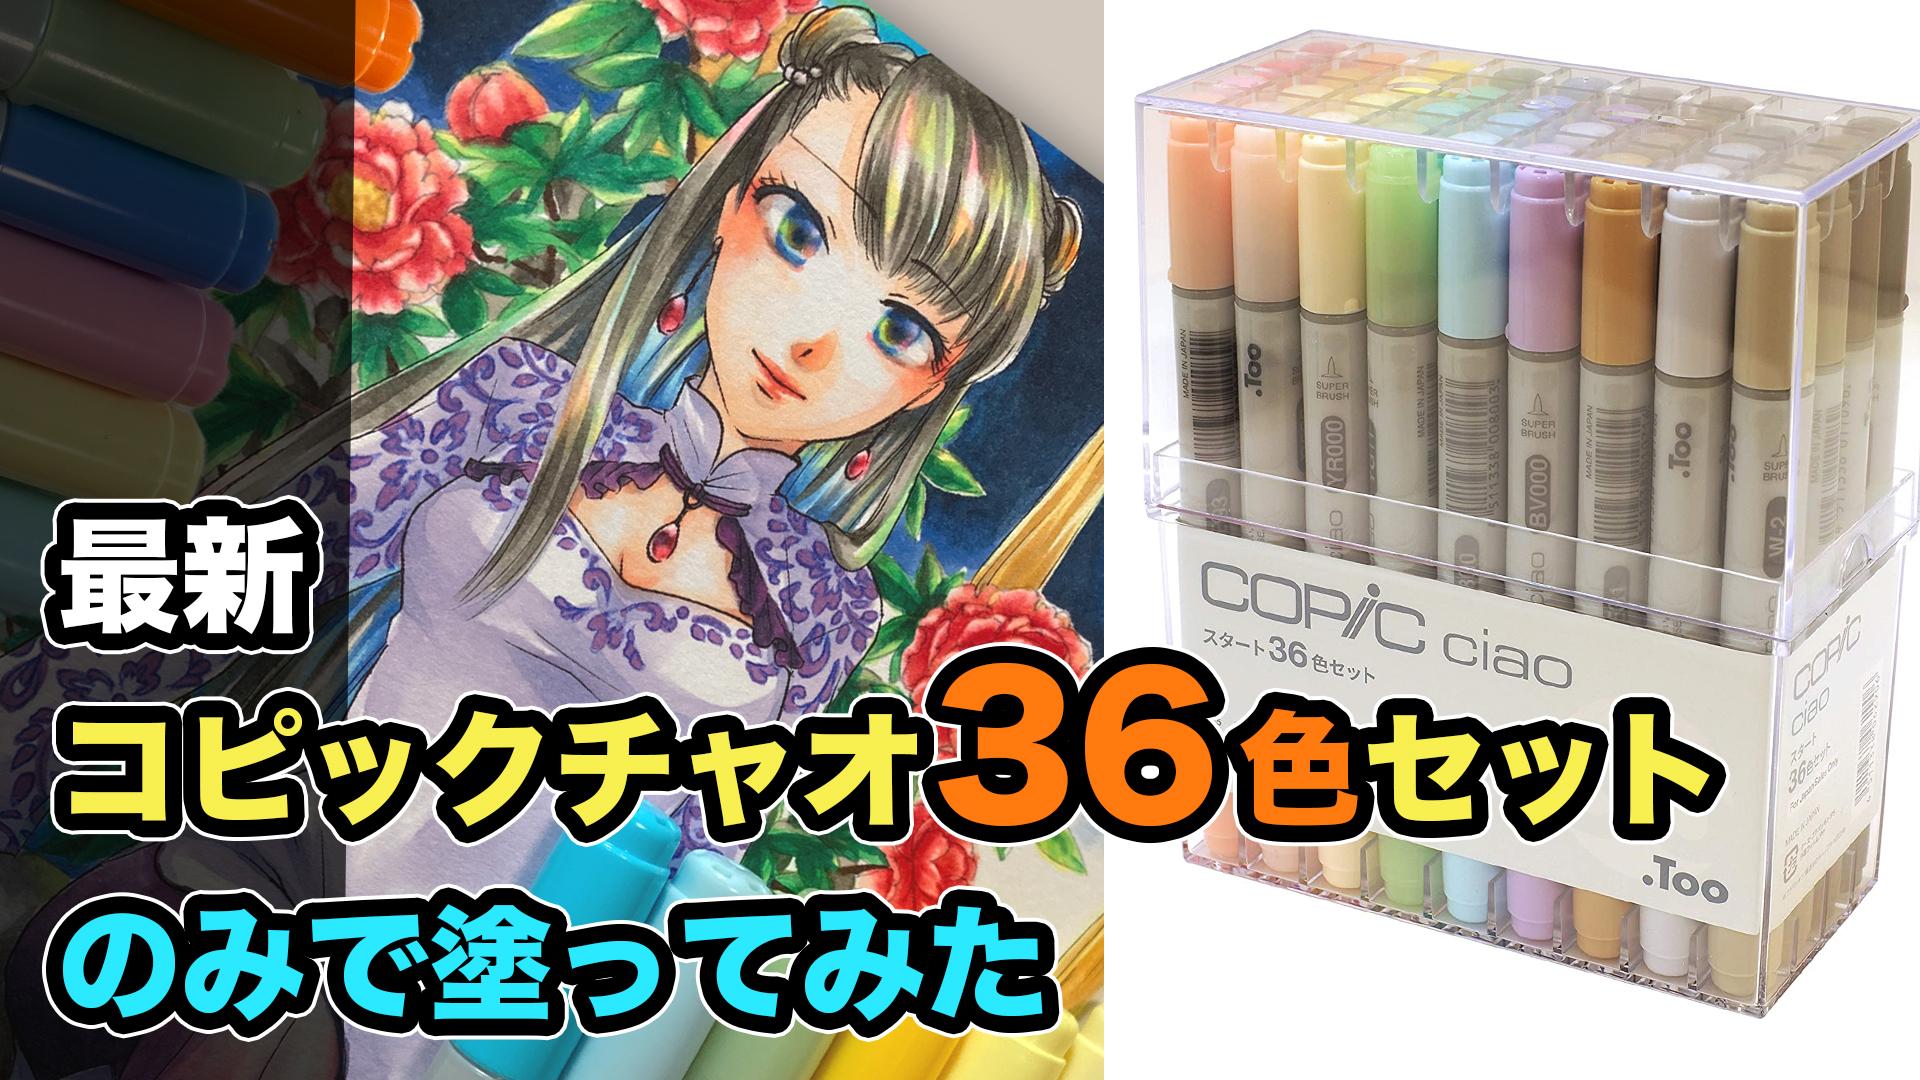 【最新】コピックチャオ36色スタートセットのみで塗ってみた(動画解説あり)